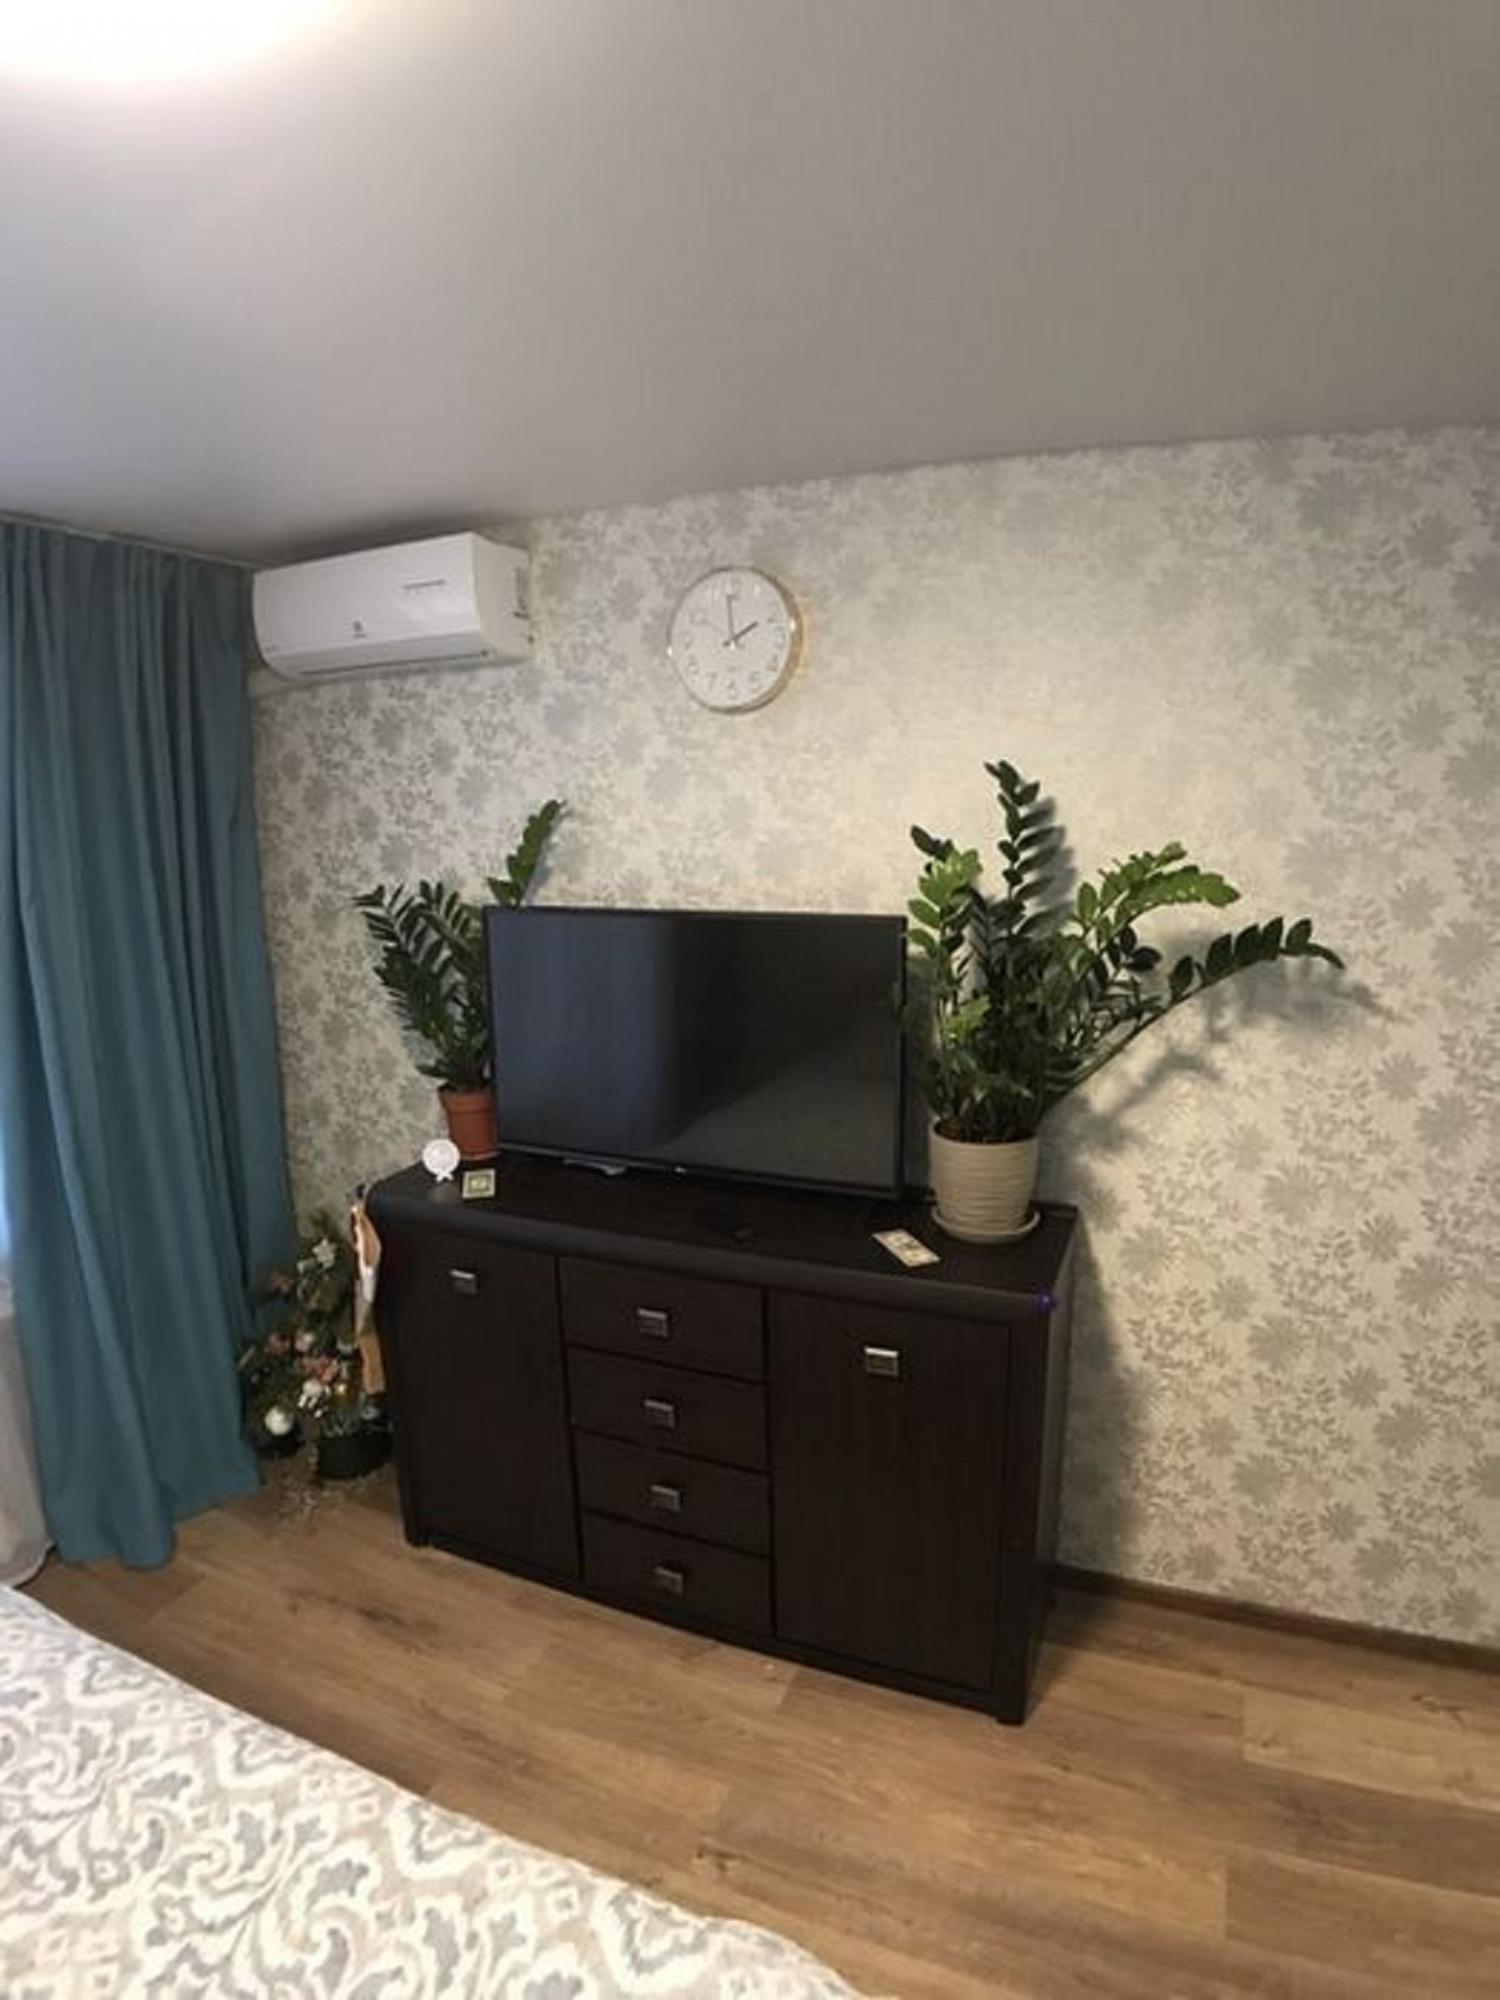 1к квартира Свободный проспект, 56 | 13500 | аренда в Красноярске фото 2